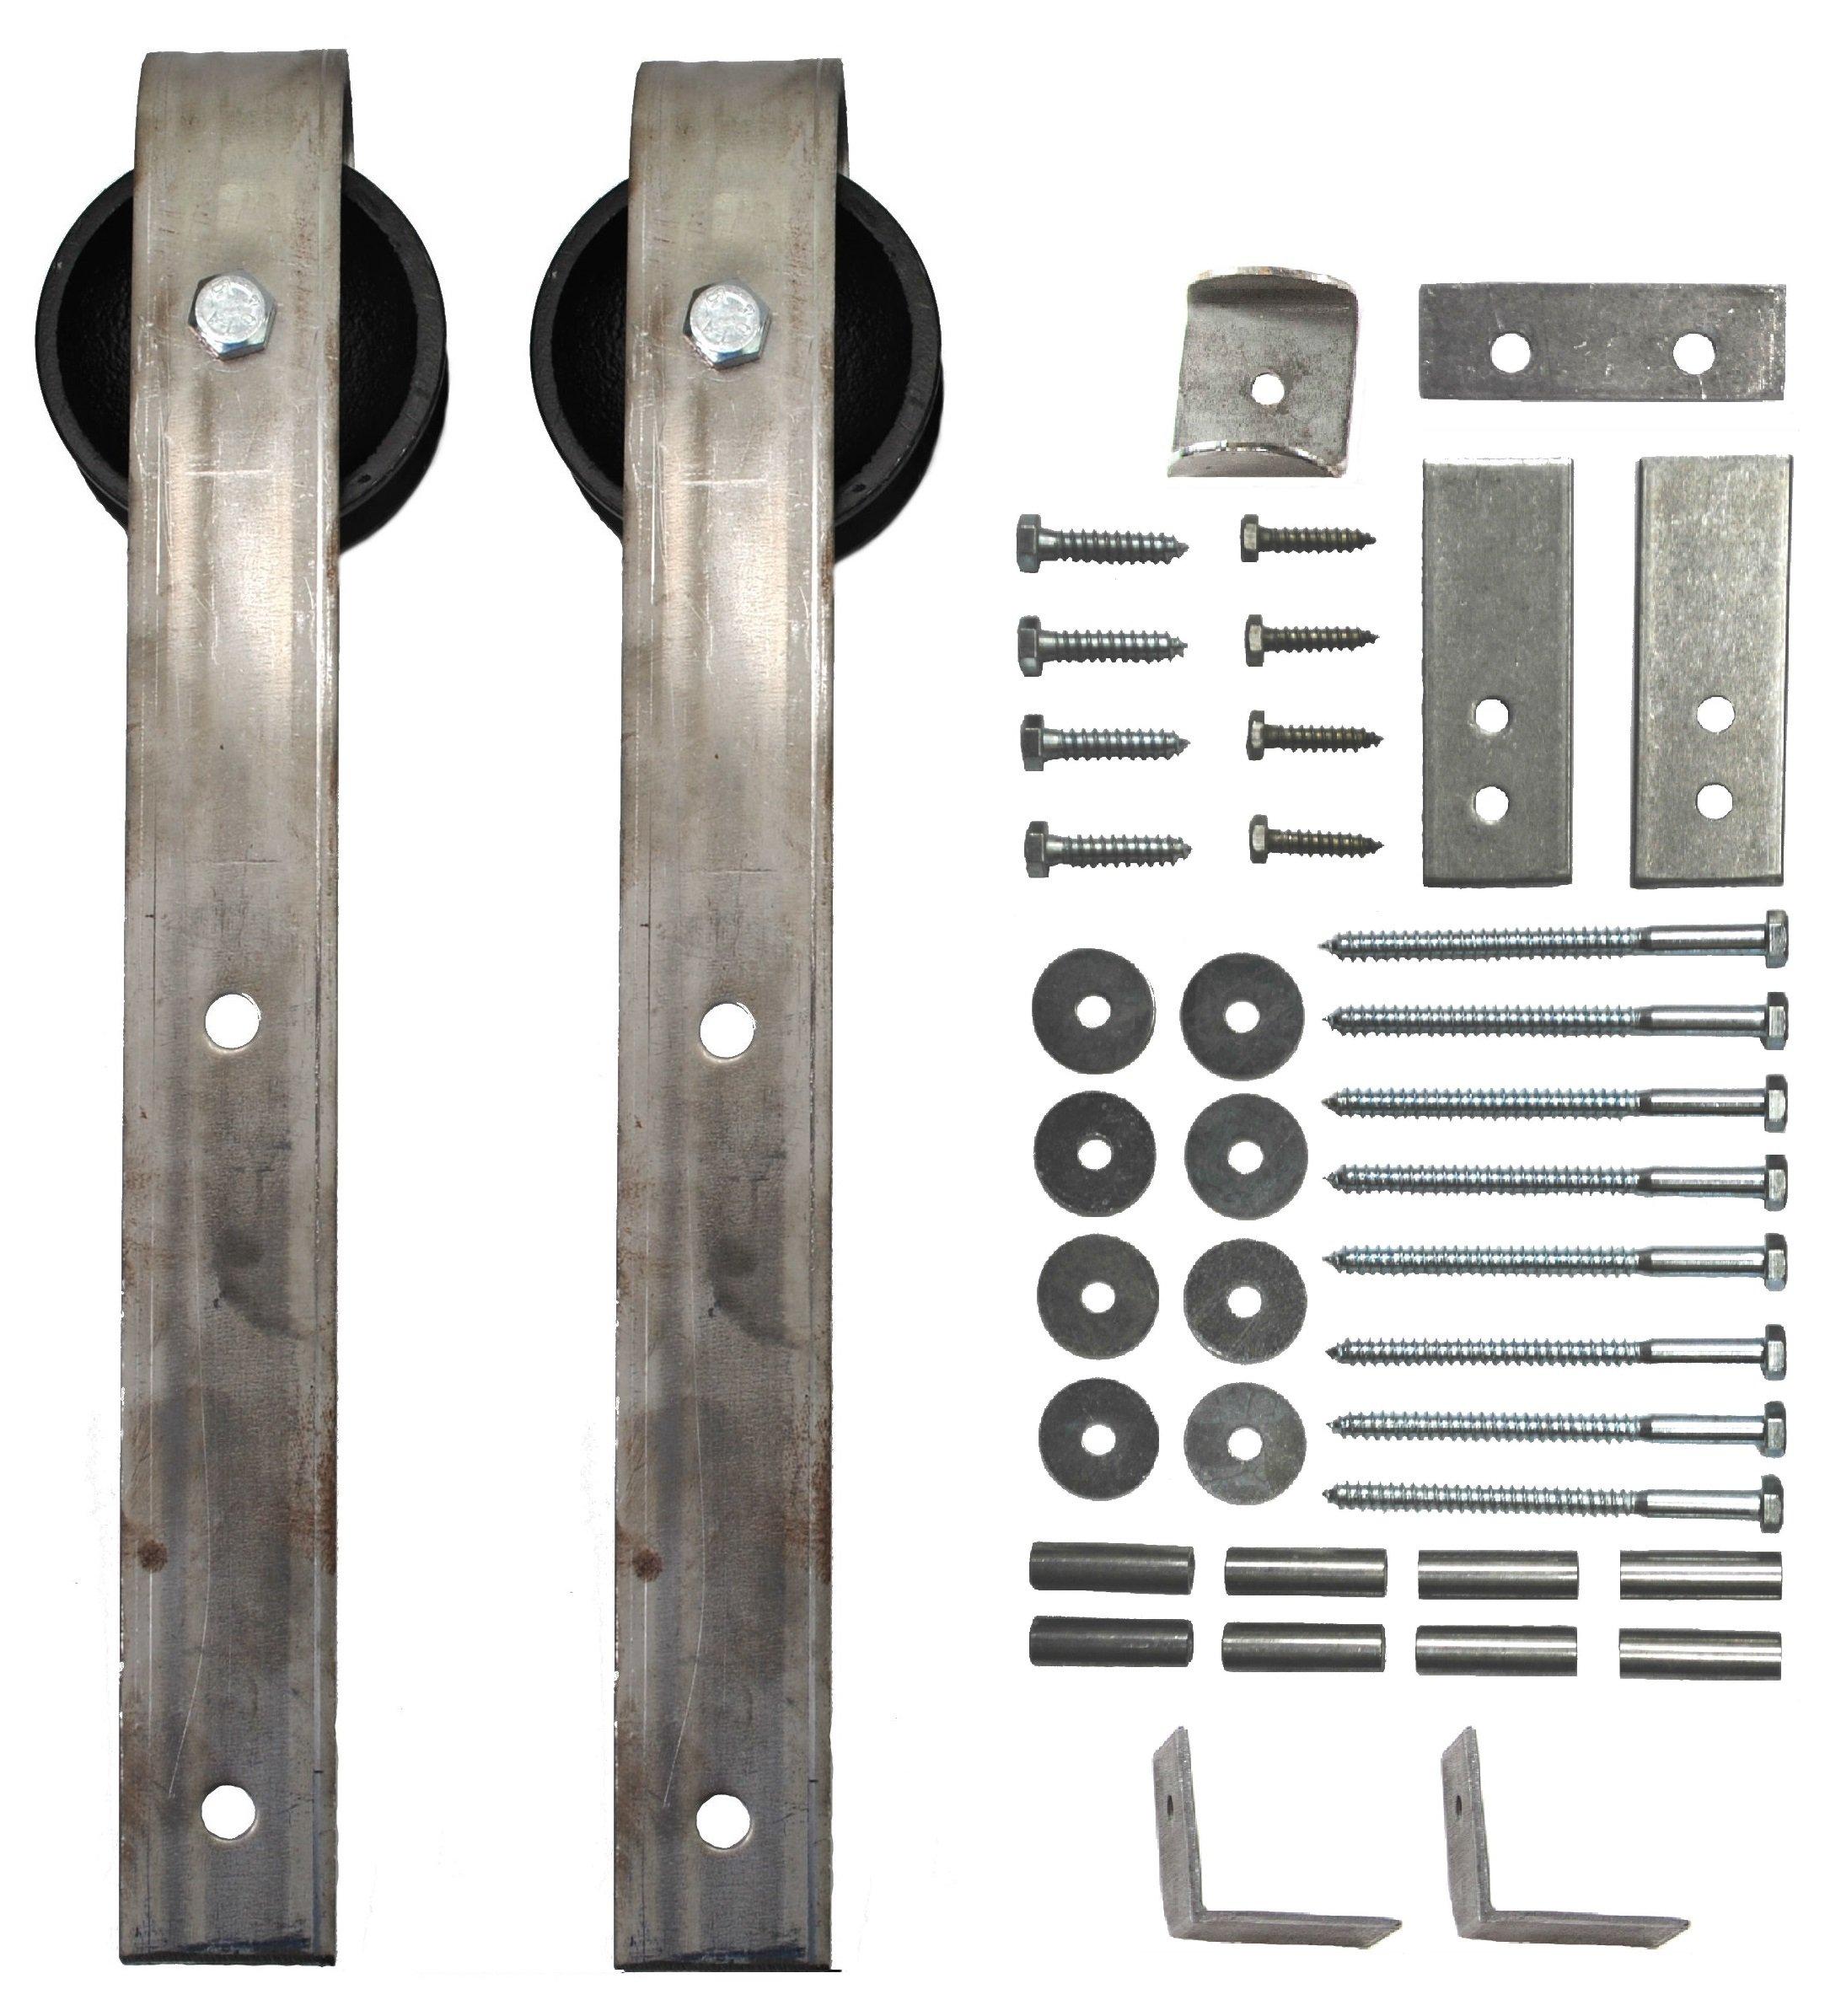 Sliding Barn Door Wheel & Hanger Kit (with Mounting Hardware) - 2 pcs.